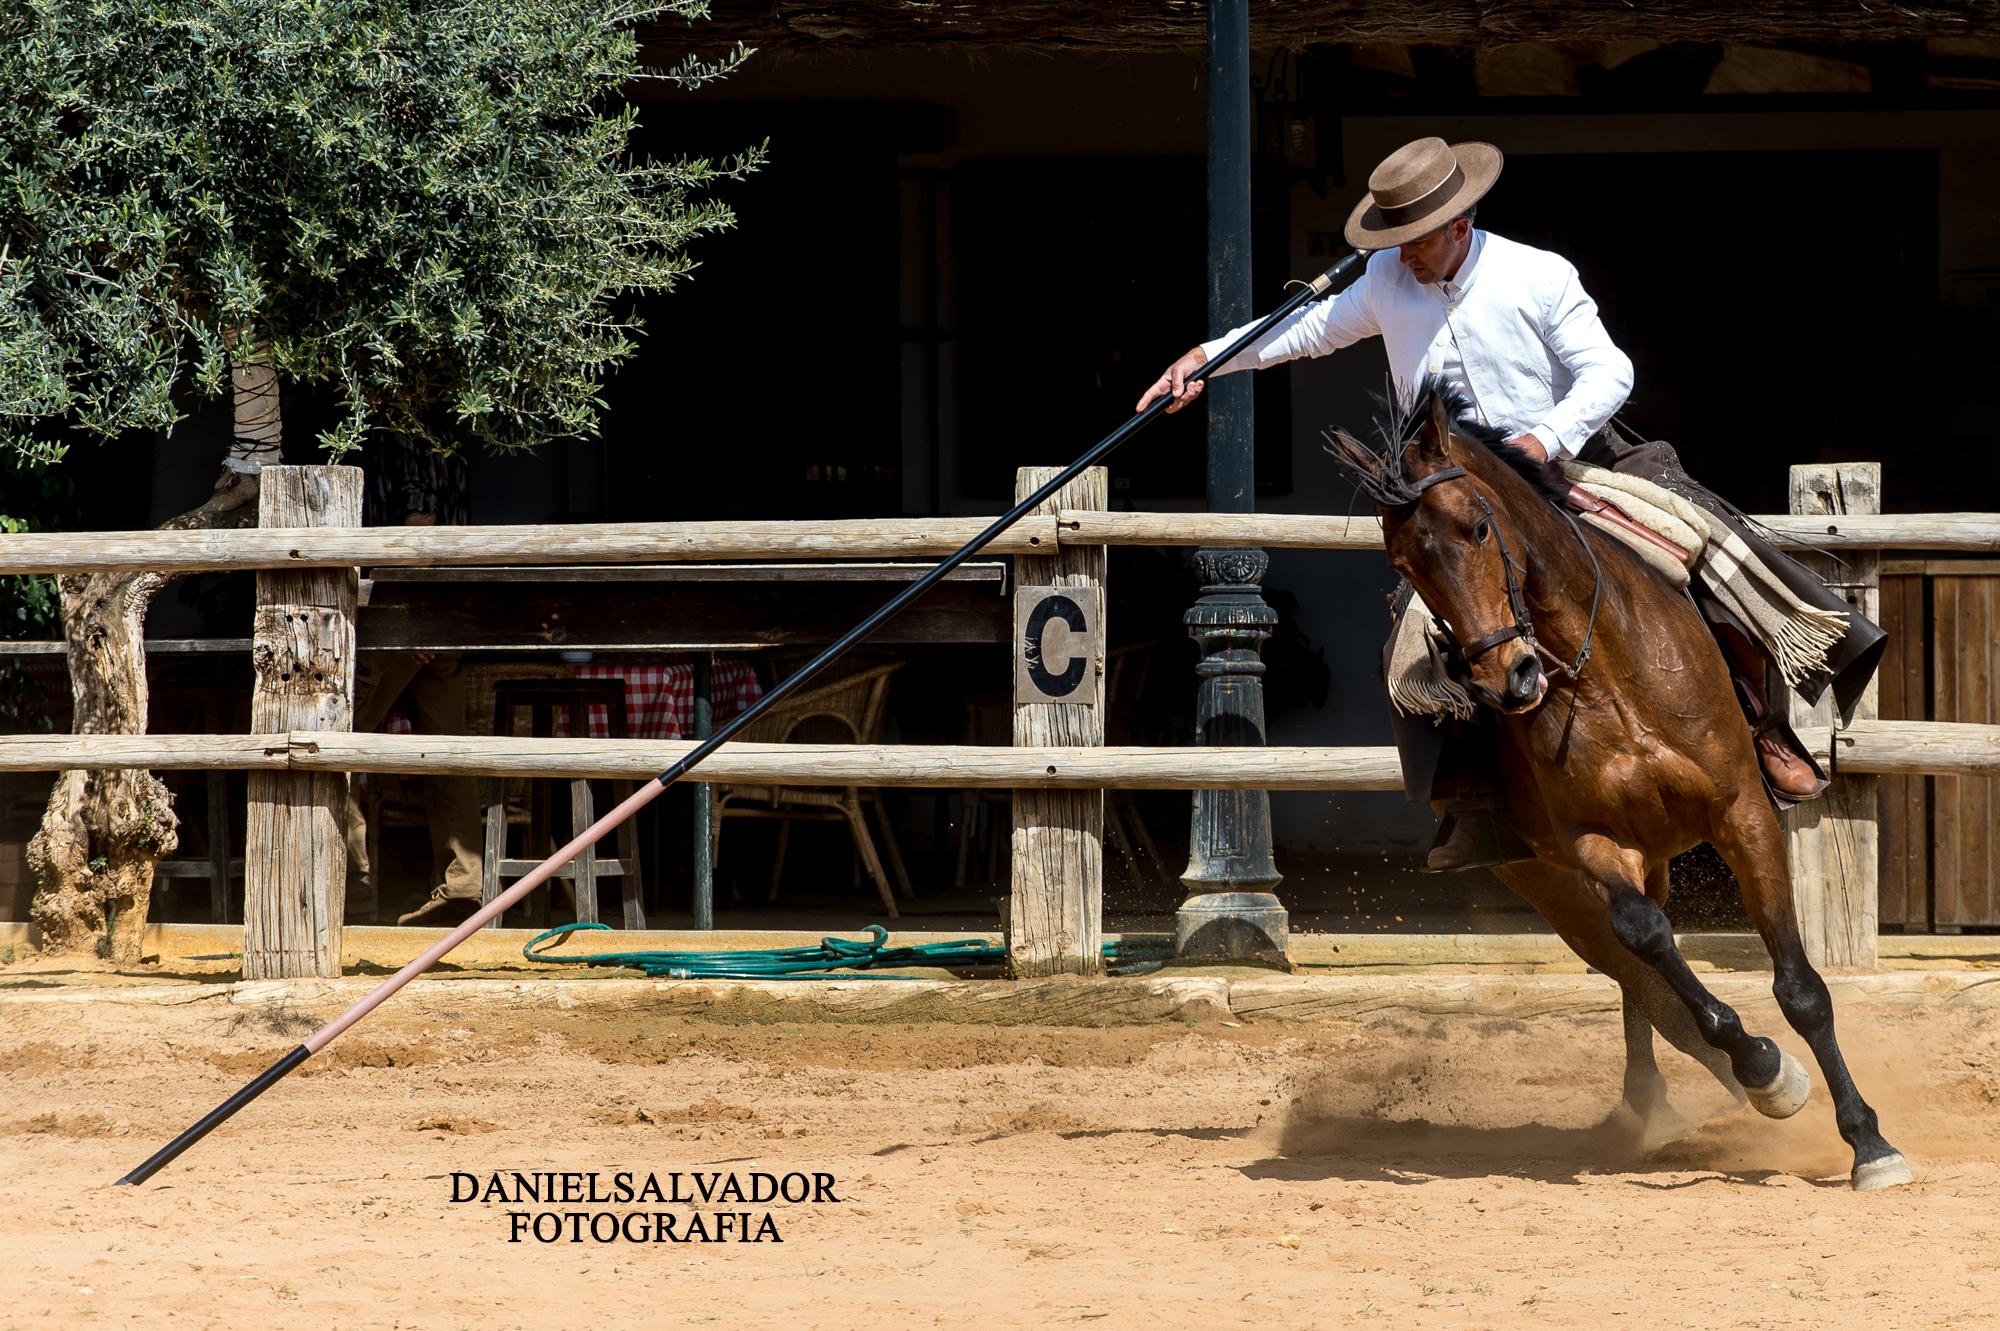 caballos-463